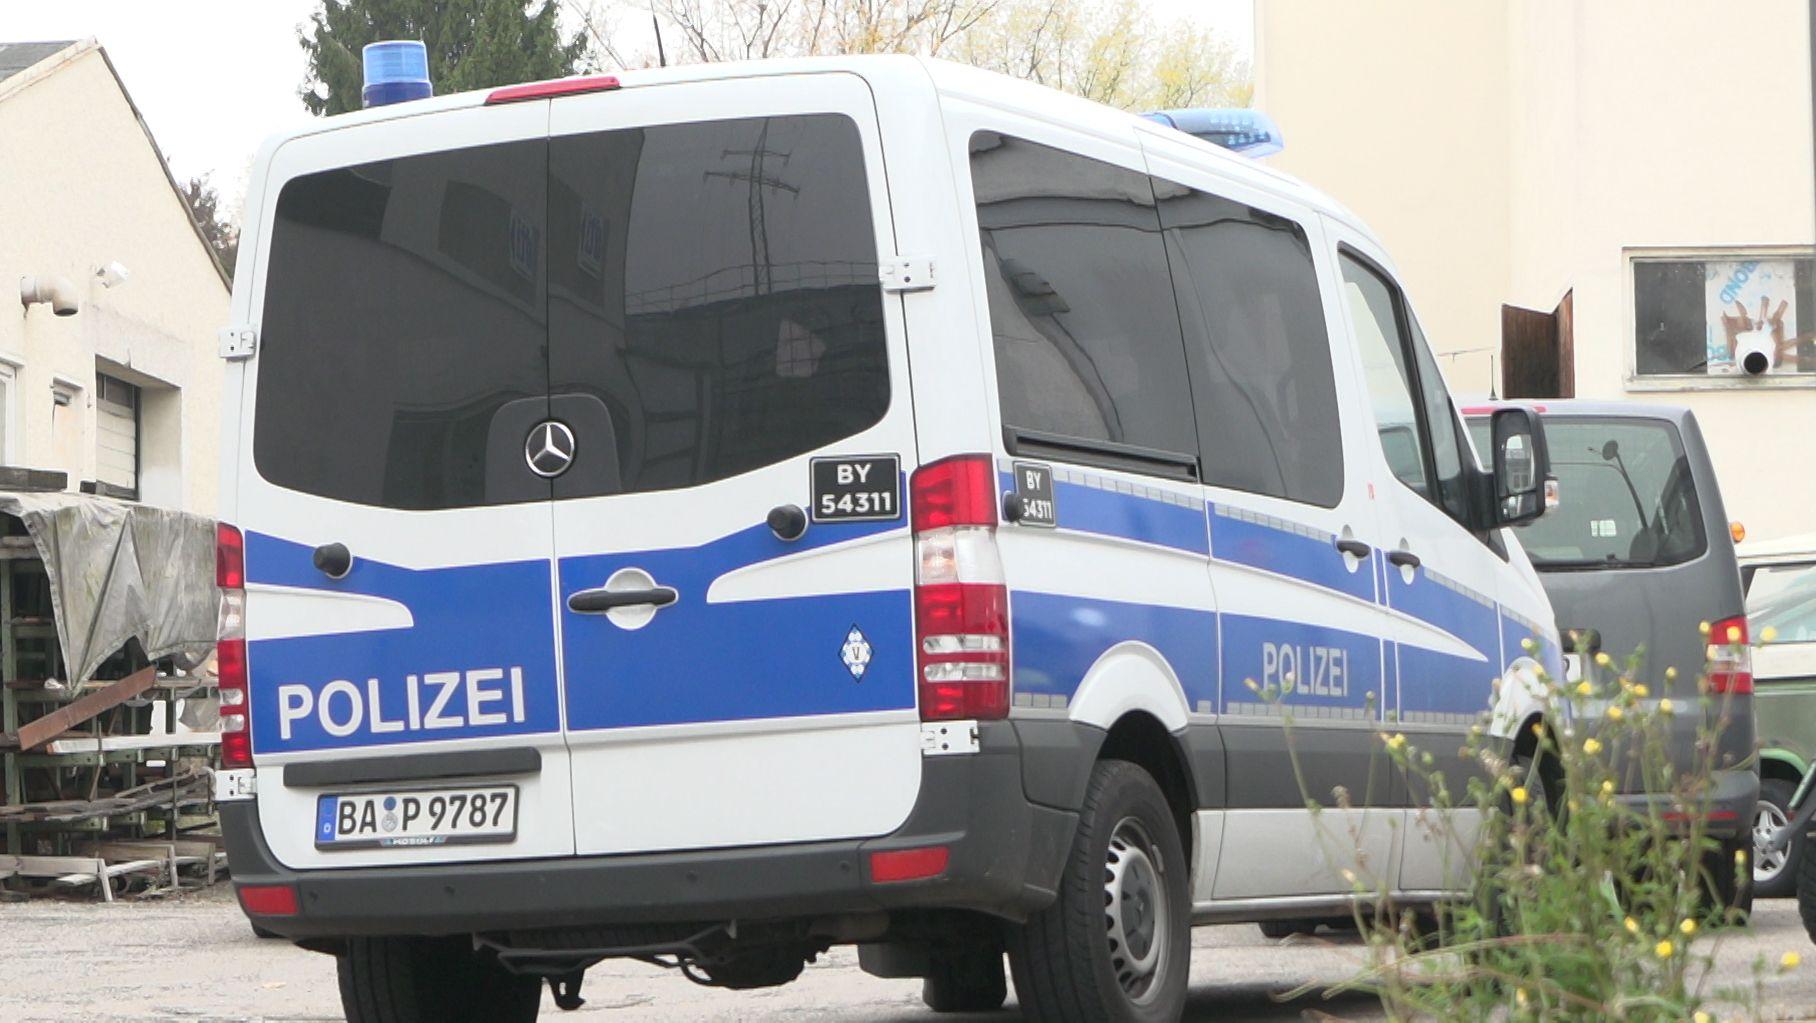 Einsatzfahrzeug der Polizei bei einer Razzia gegen Pflegedienste